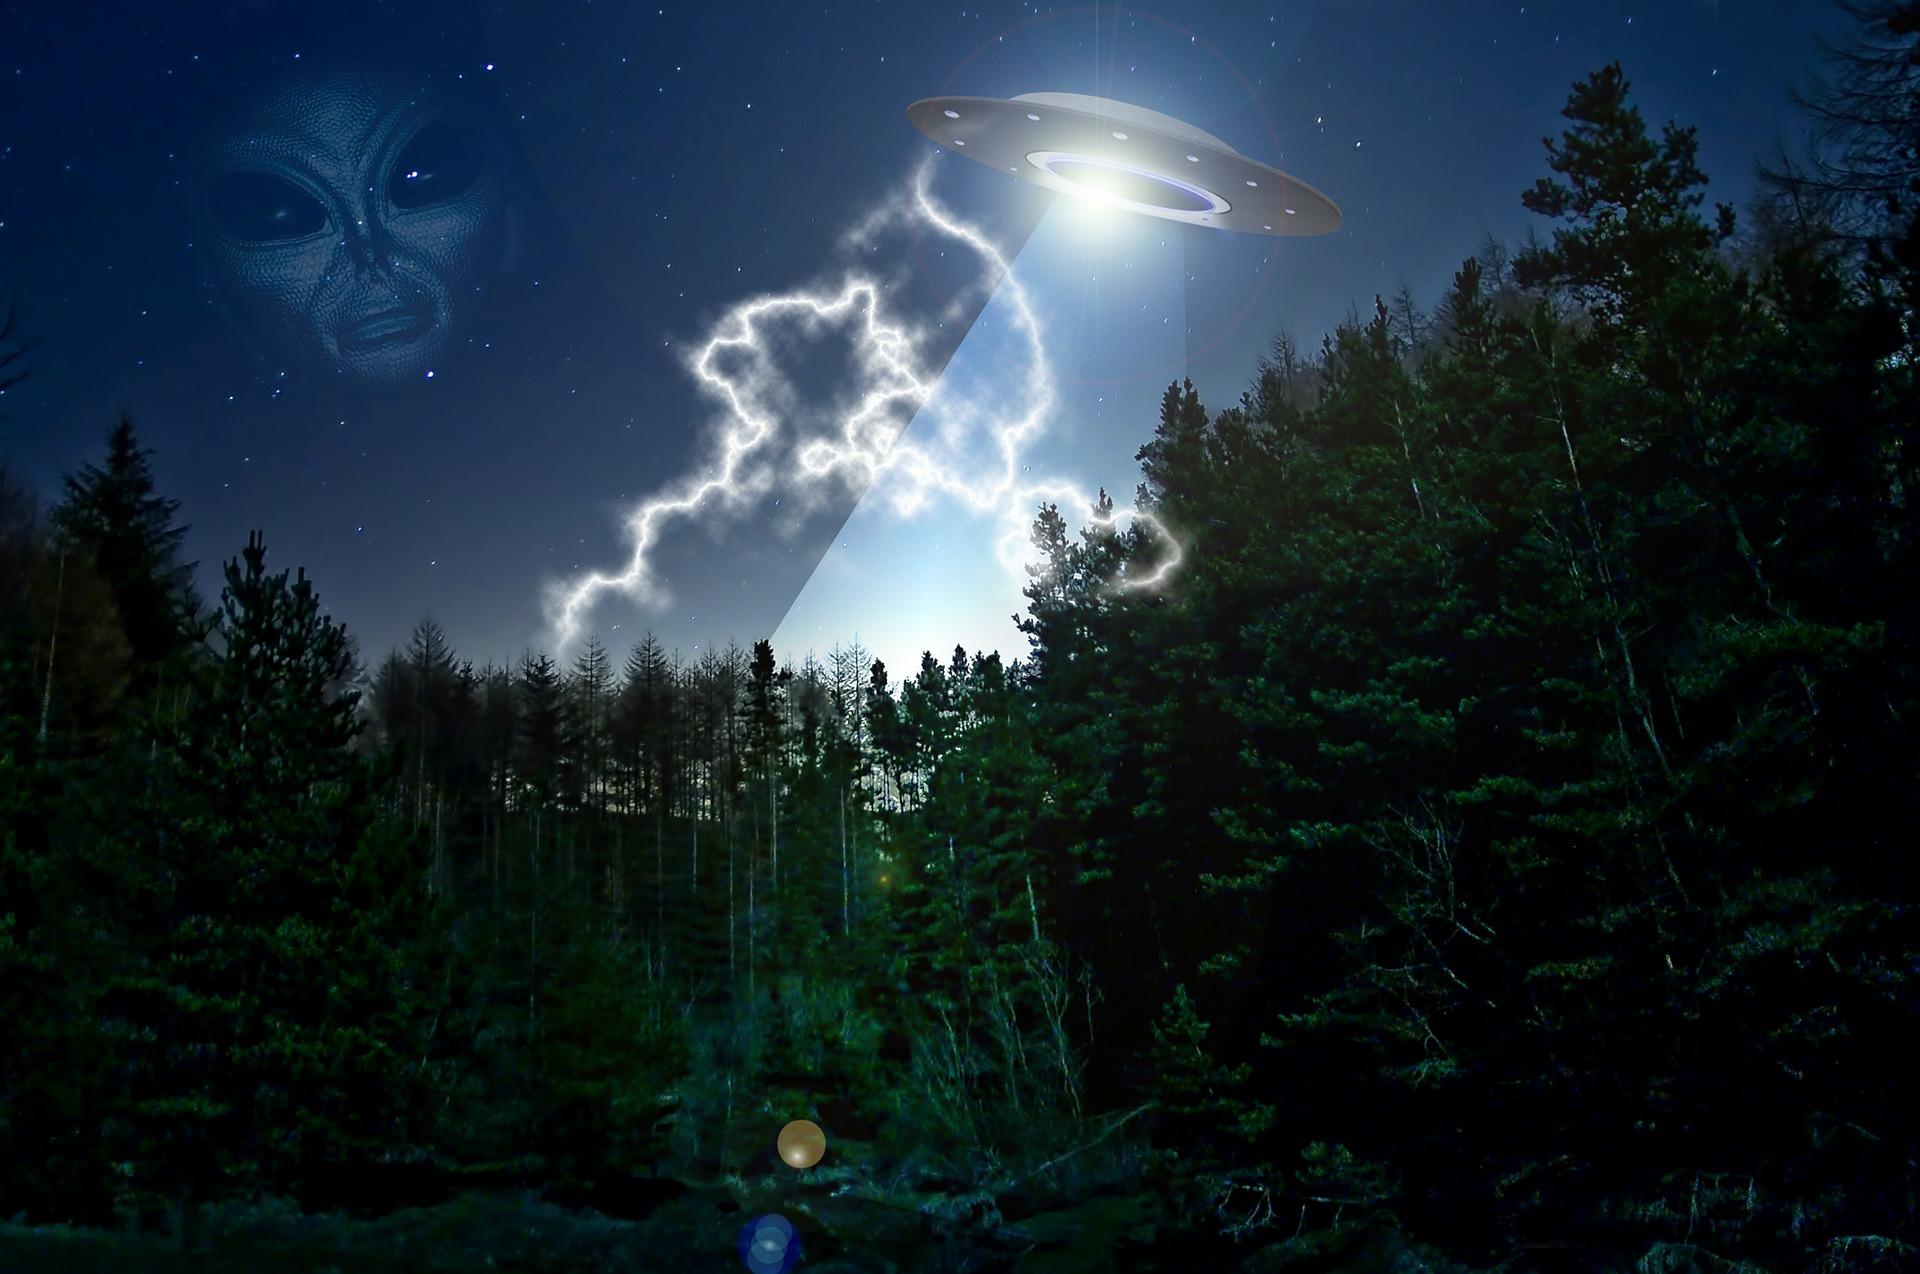 alien-609607_1920